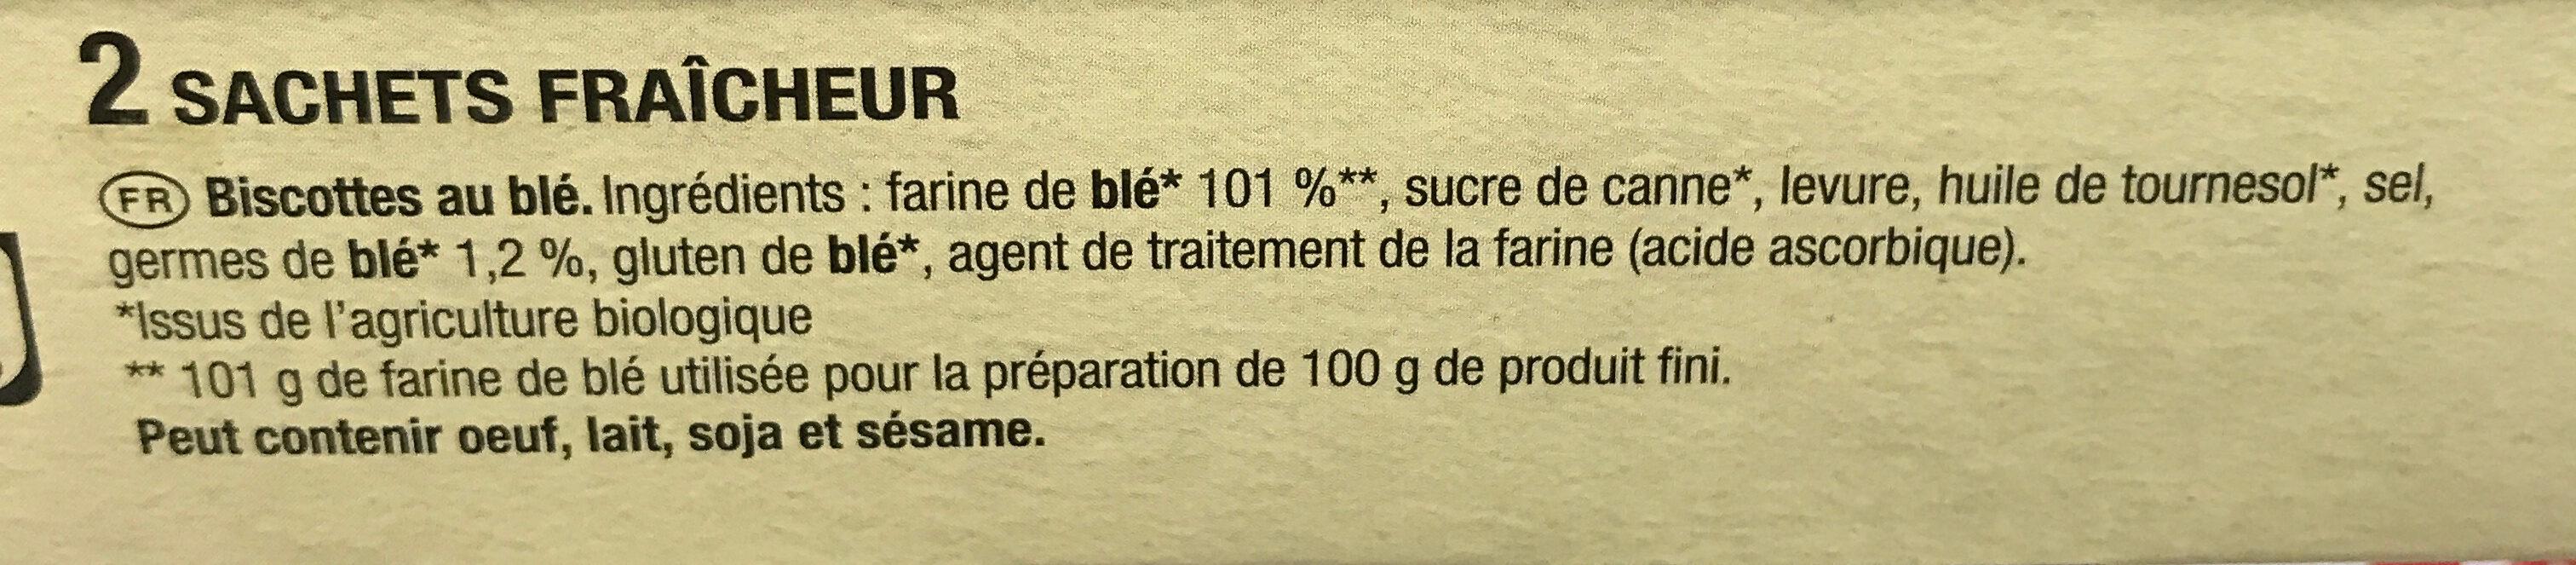 La Biscotte Bio au germé de blé - Ingredienti - fr